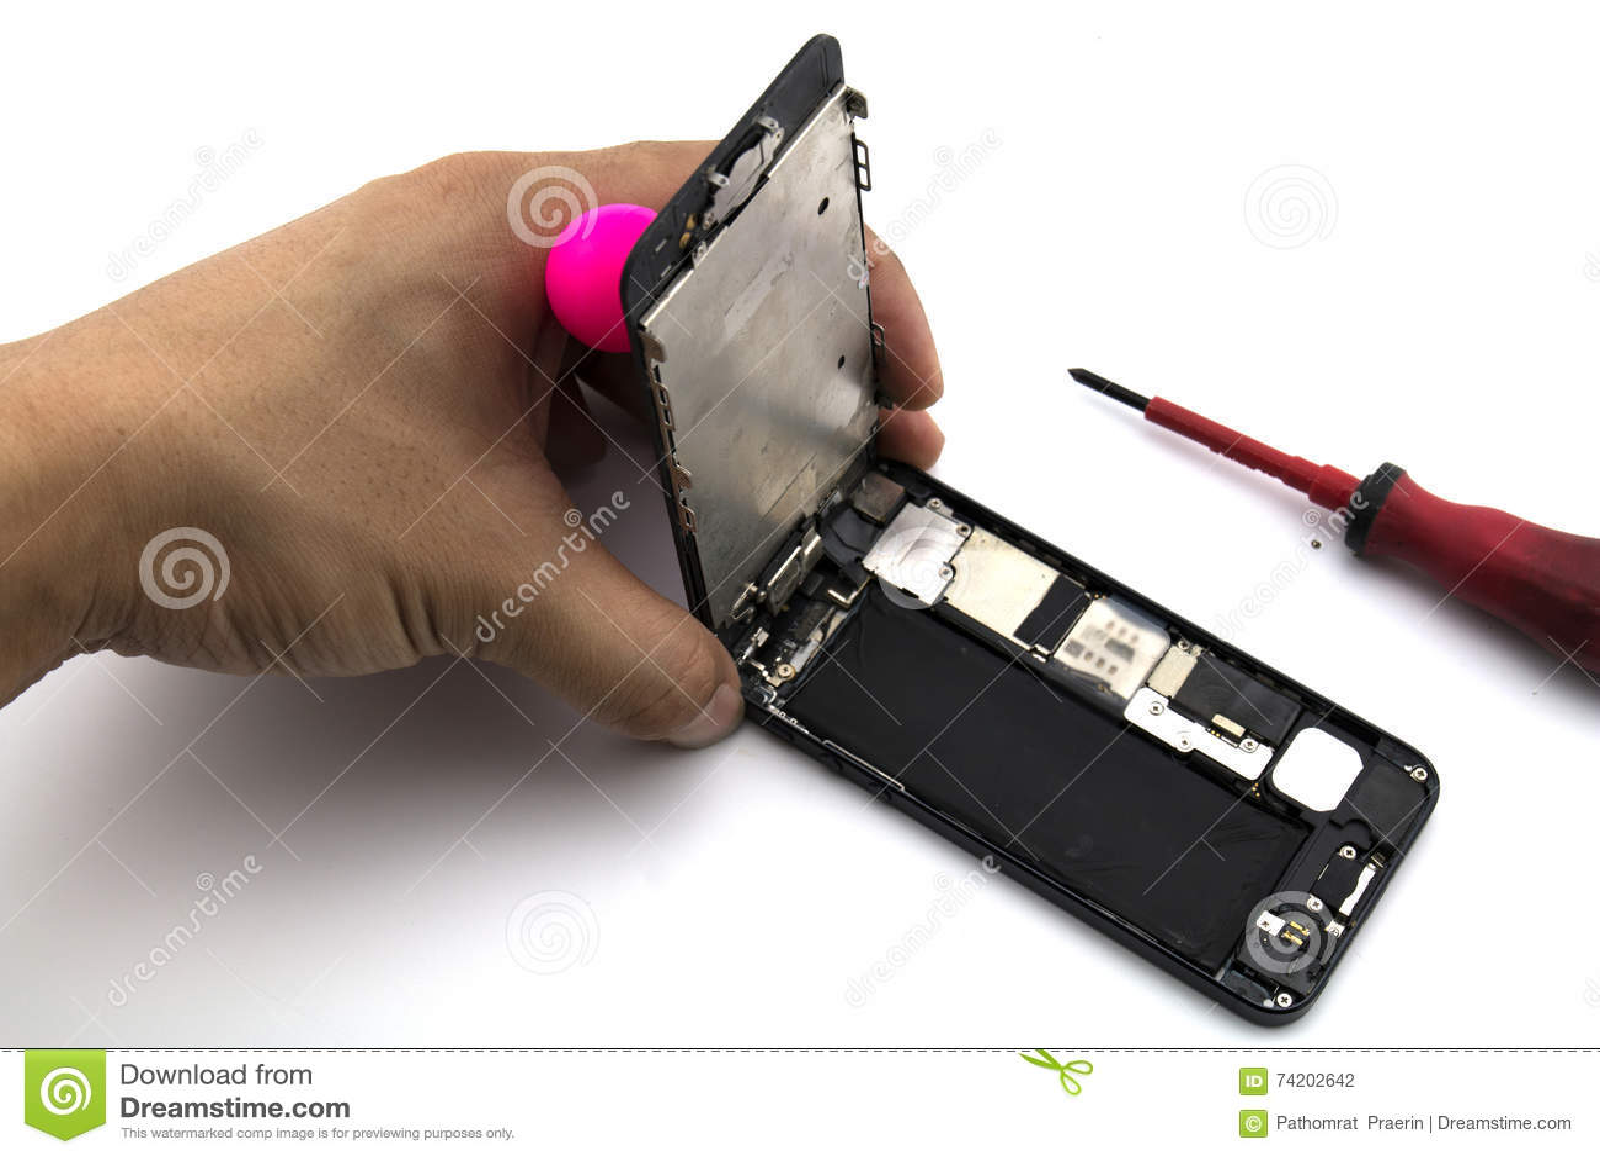 Een mens was hersteller He voorbereidingen treft om het mobiele scherm en het geval van de telefoonverandering te herstellen